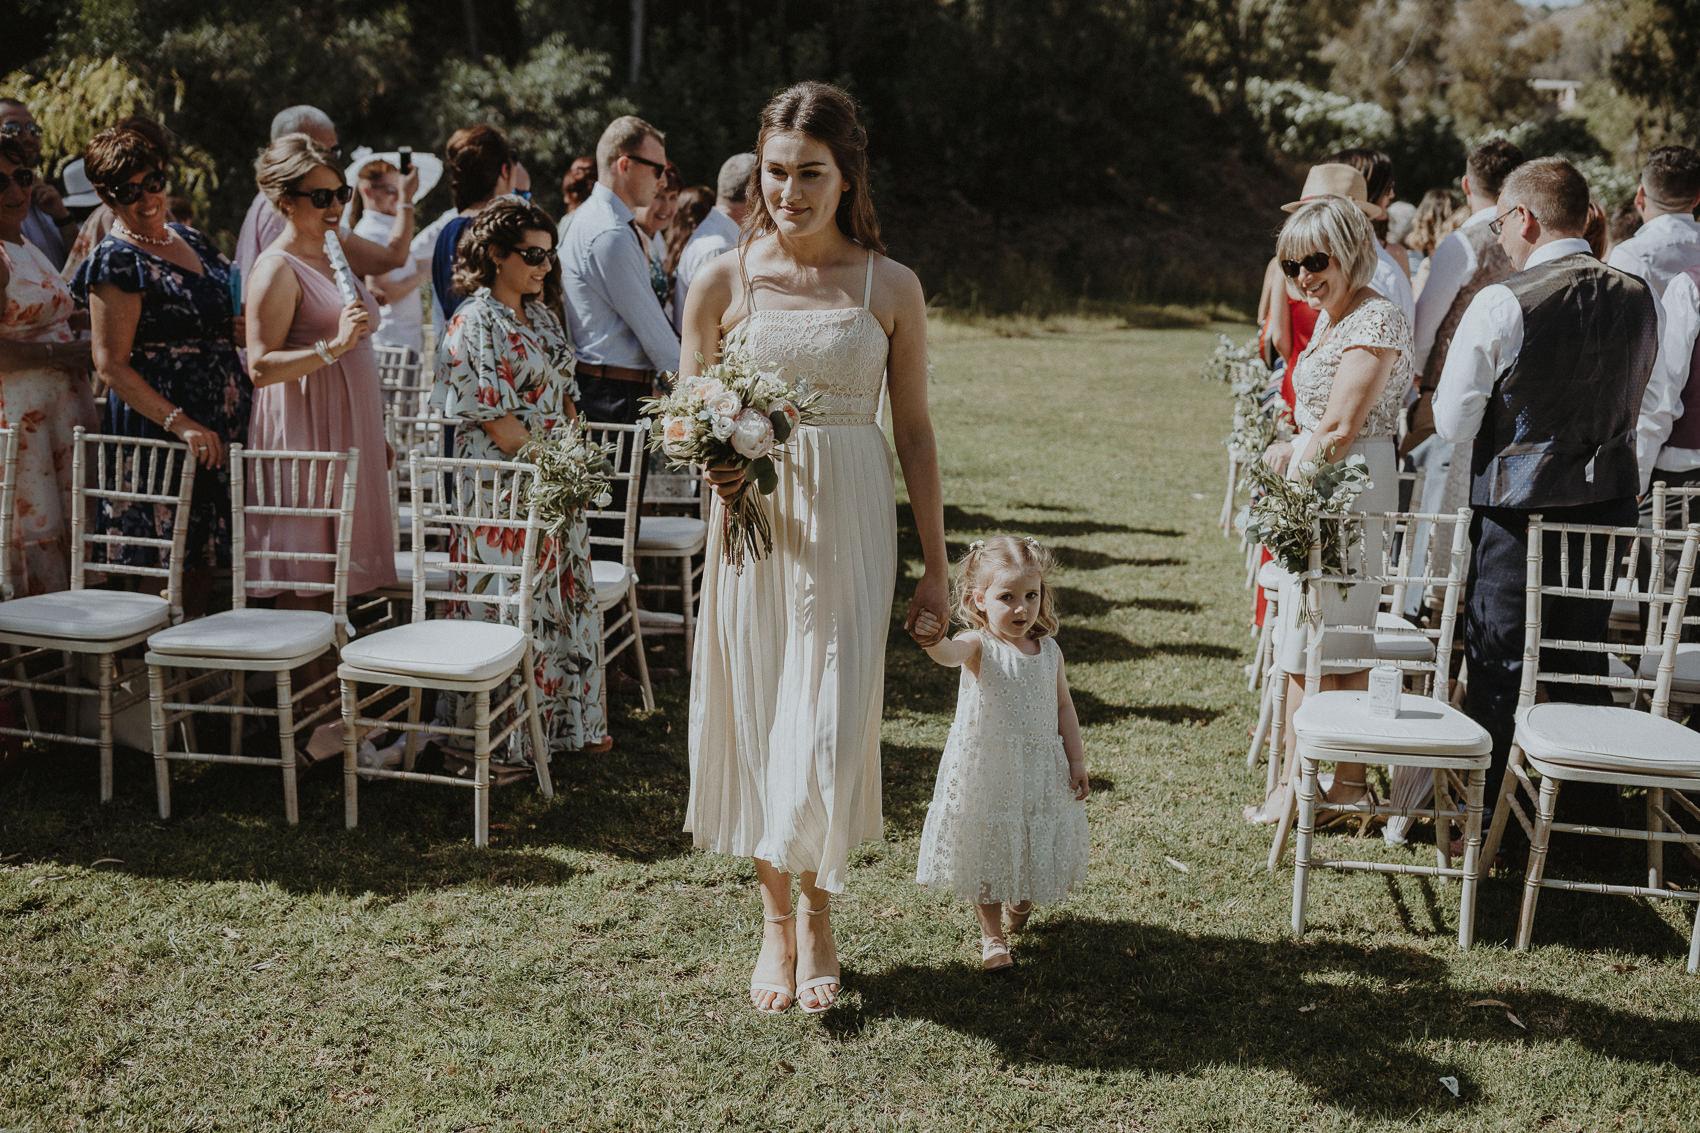 Sarah & Bill | Summer wedding at Cortijo Rosa Blanca | Marbella - Spain 67